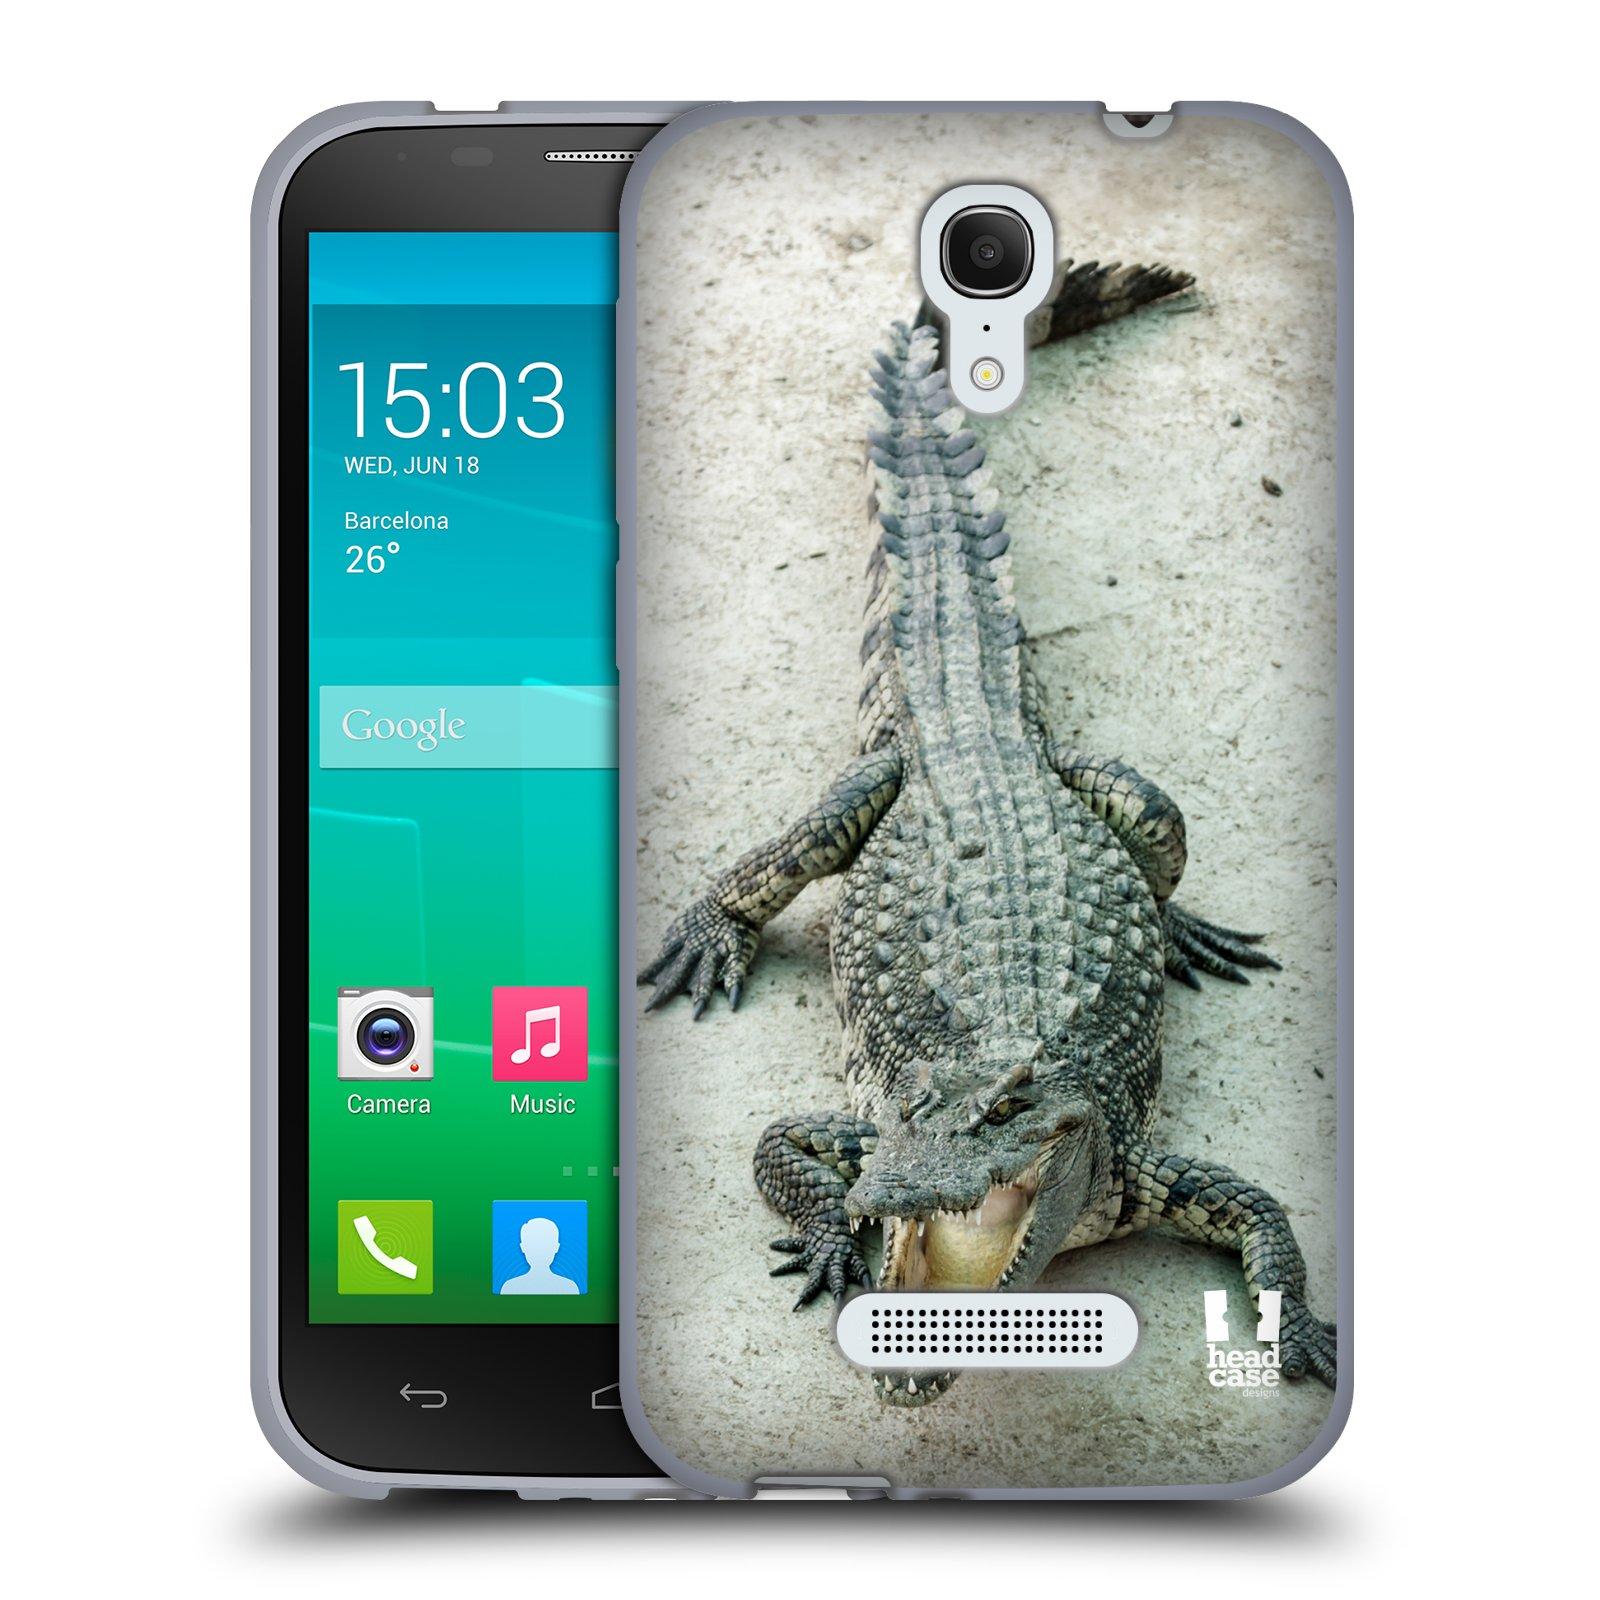 HEAD CASE silikonový obal na mobil Alcatel POP S7 vzor Divočina, Divoký život a zvířata foto KROKODÝL, KAJMAN